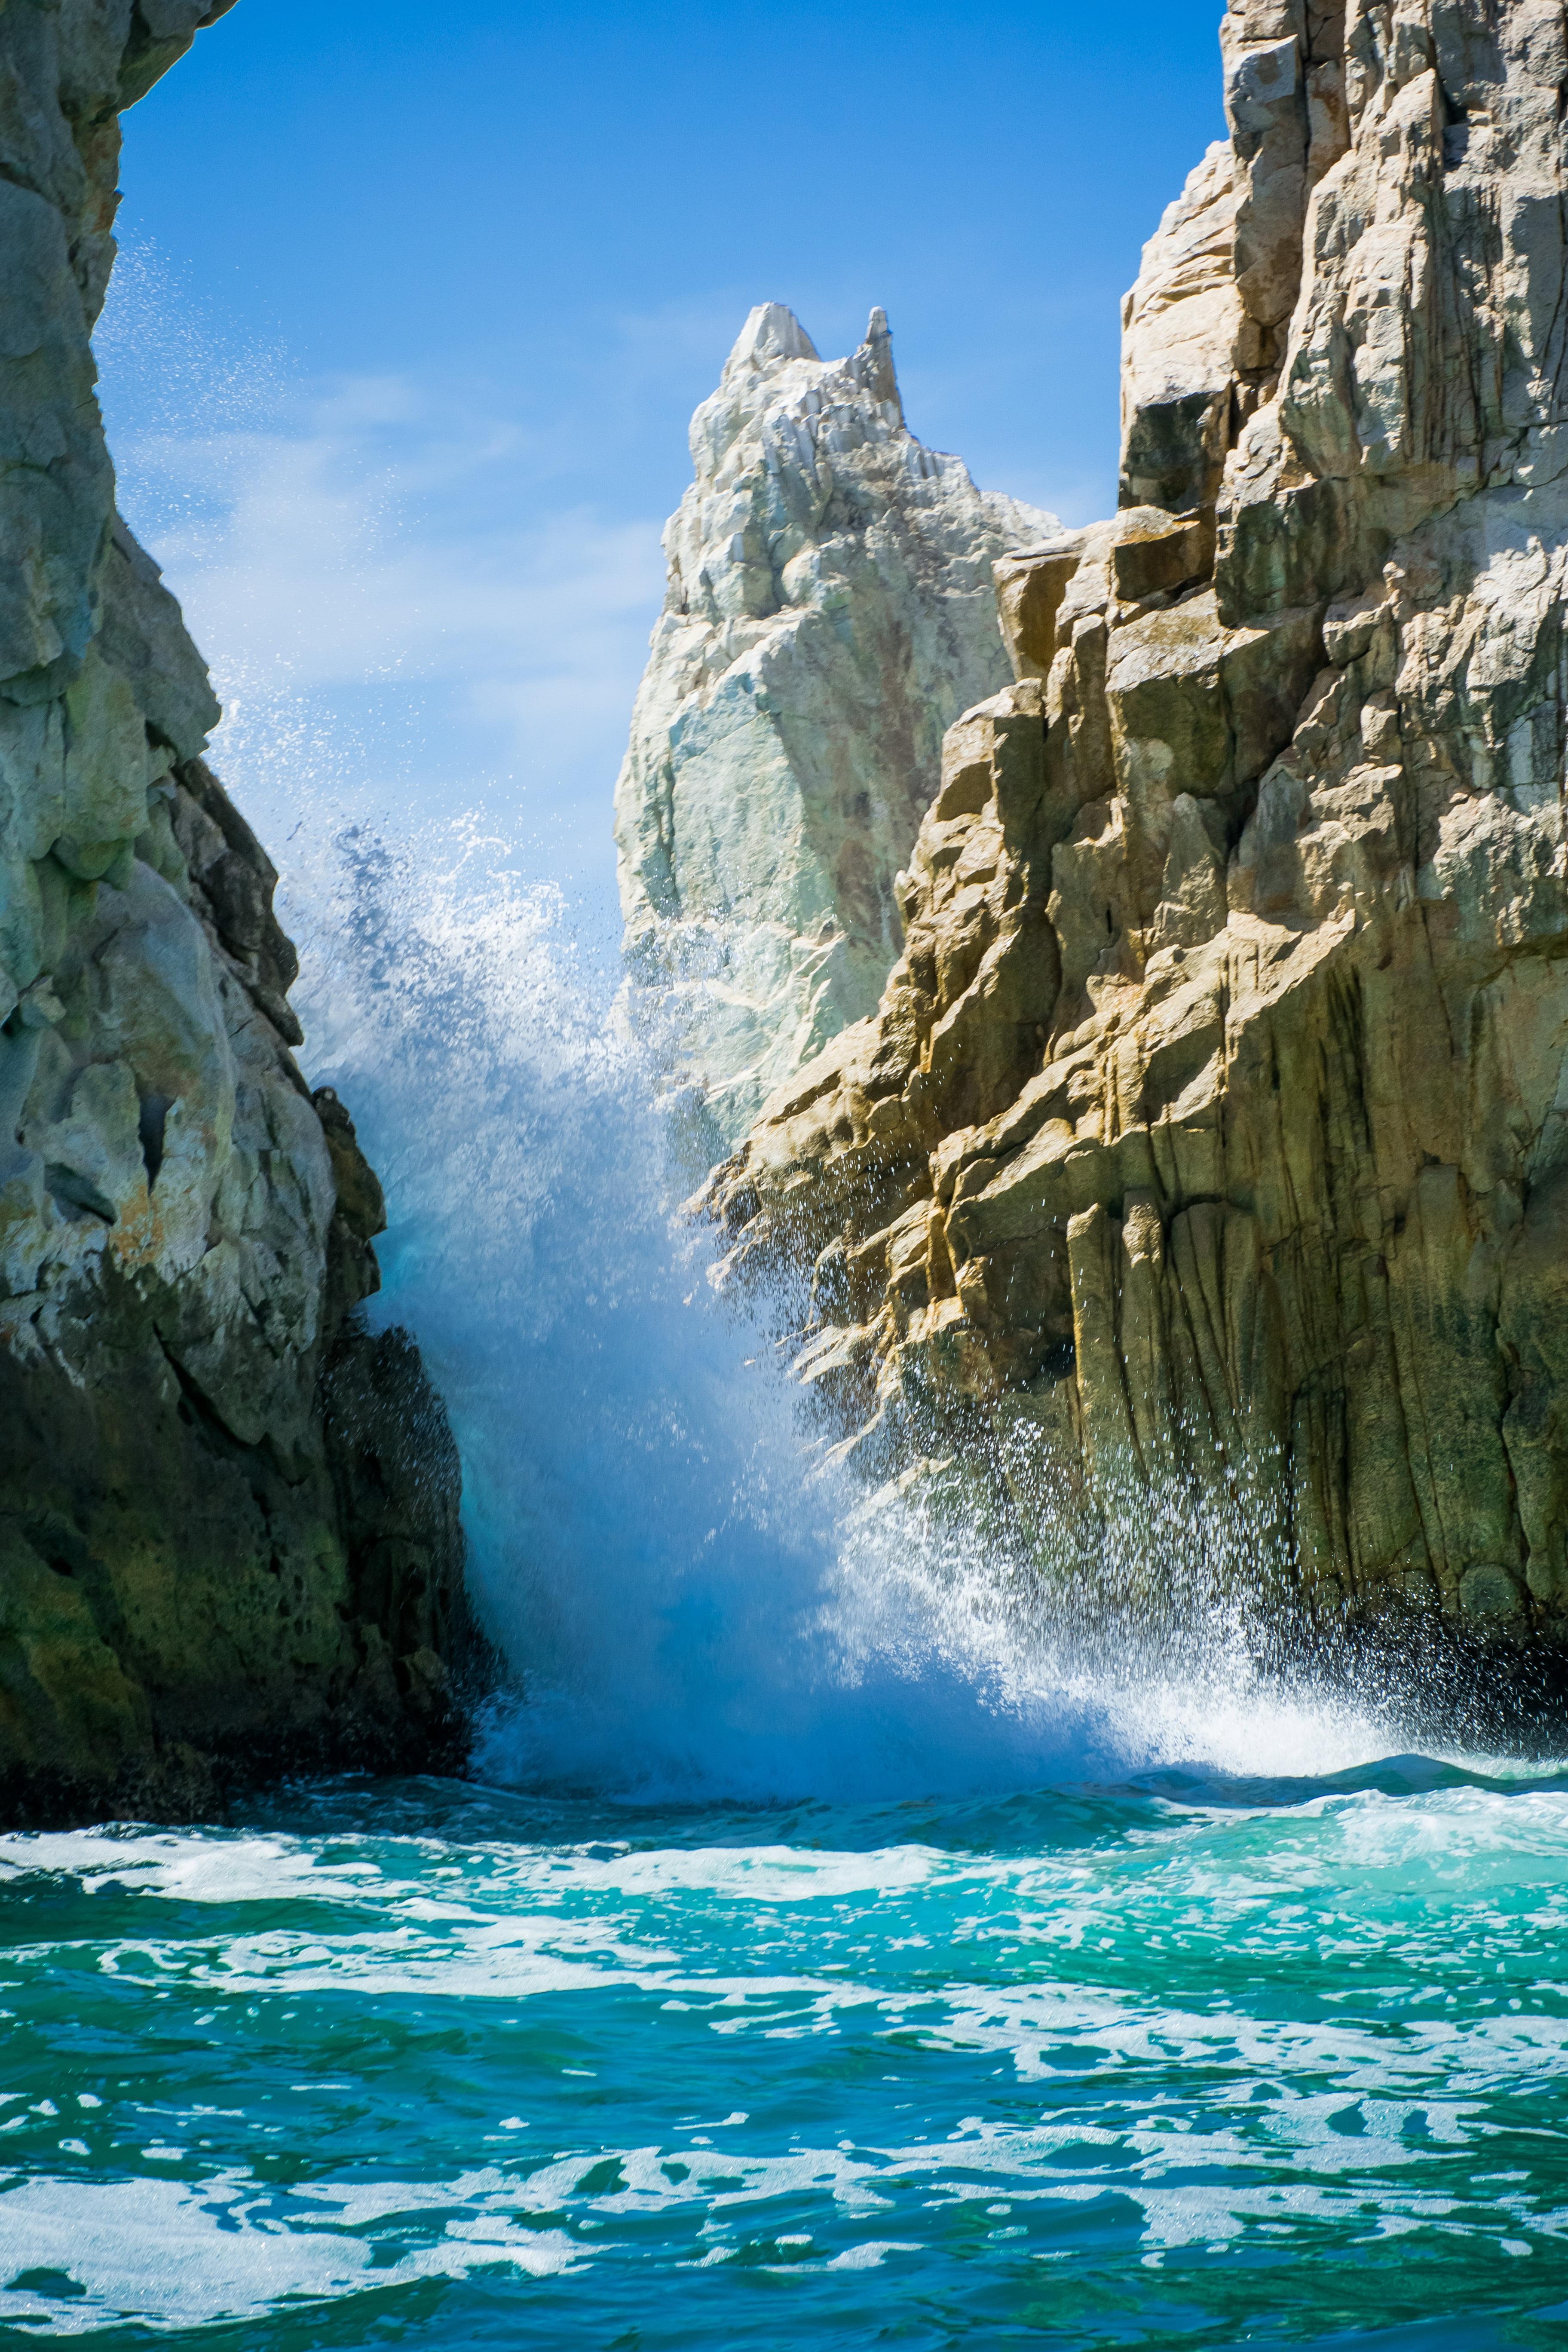 HD wallpaper seawaves through rocks Crashing Cabo San Lucas 3648x5472